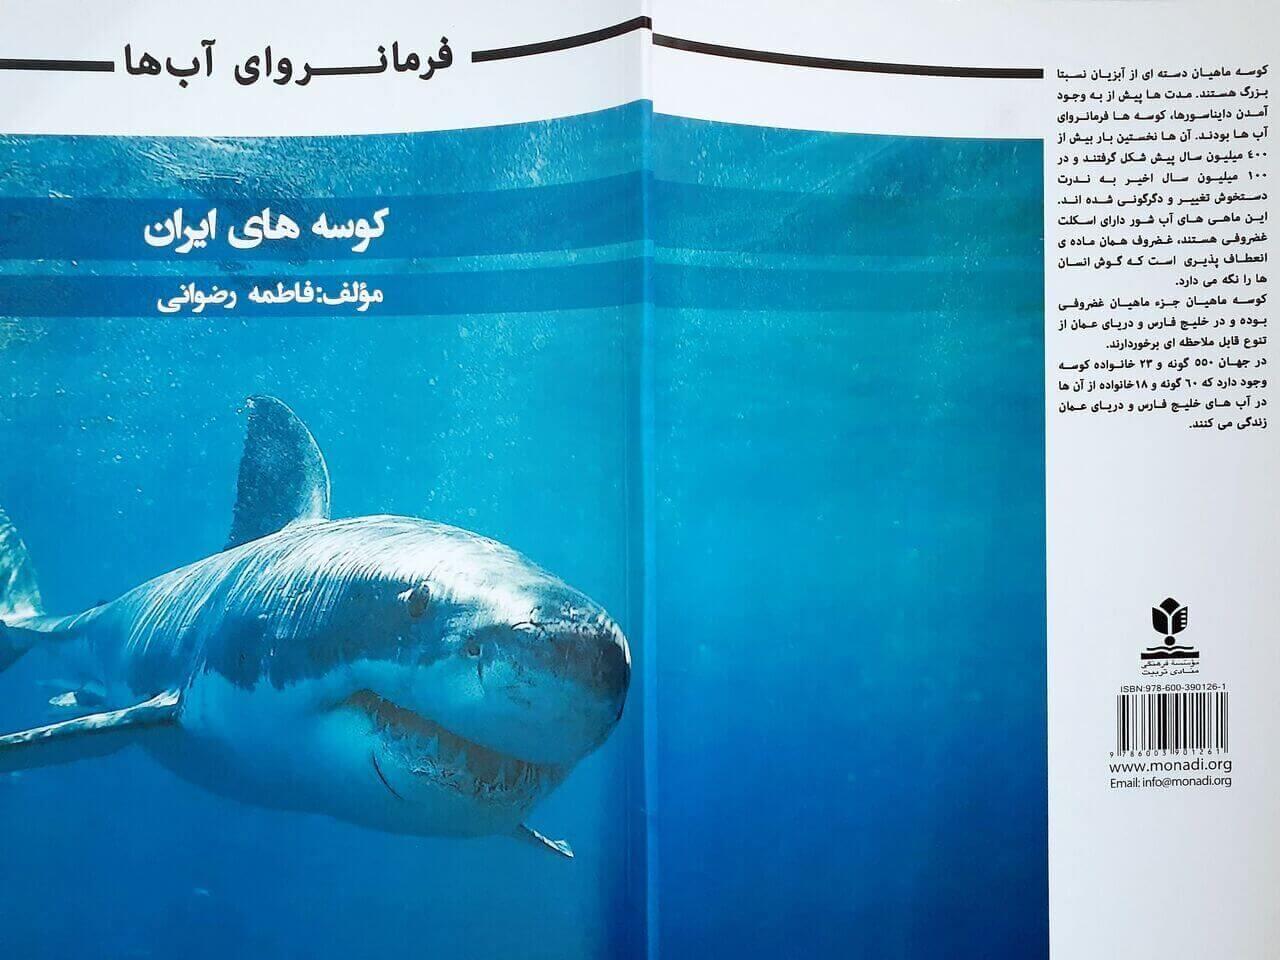 شناخت فرمانروای آبها با کتاب «کوسههای ایران»